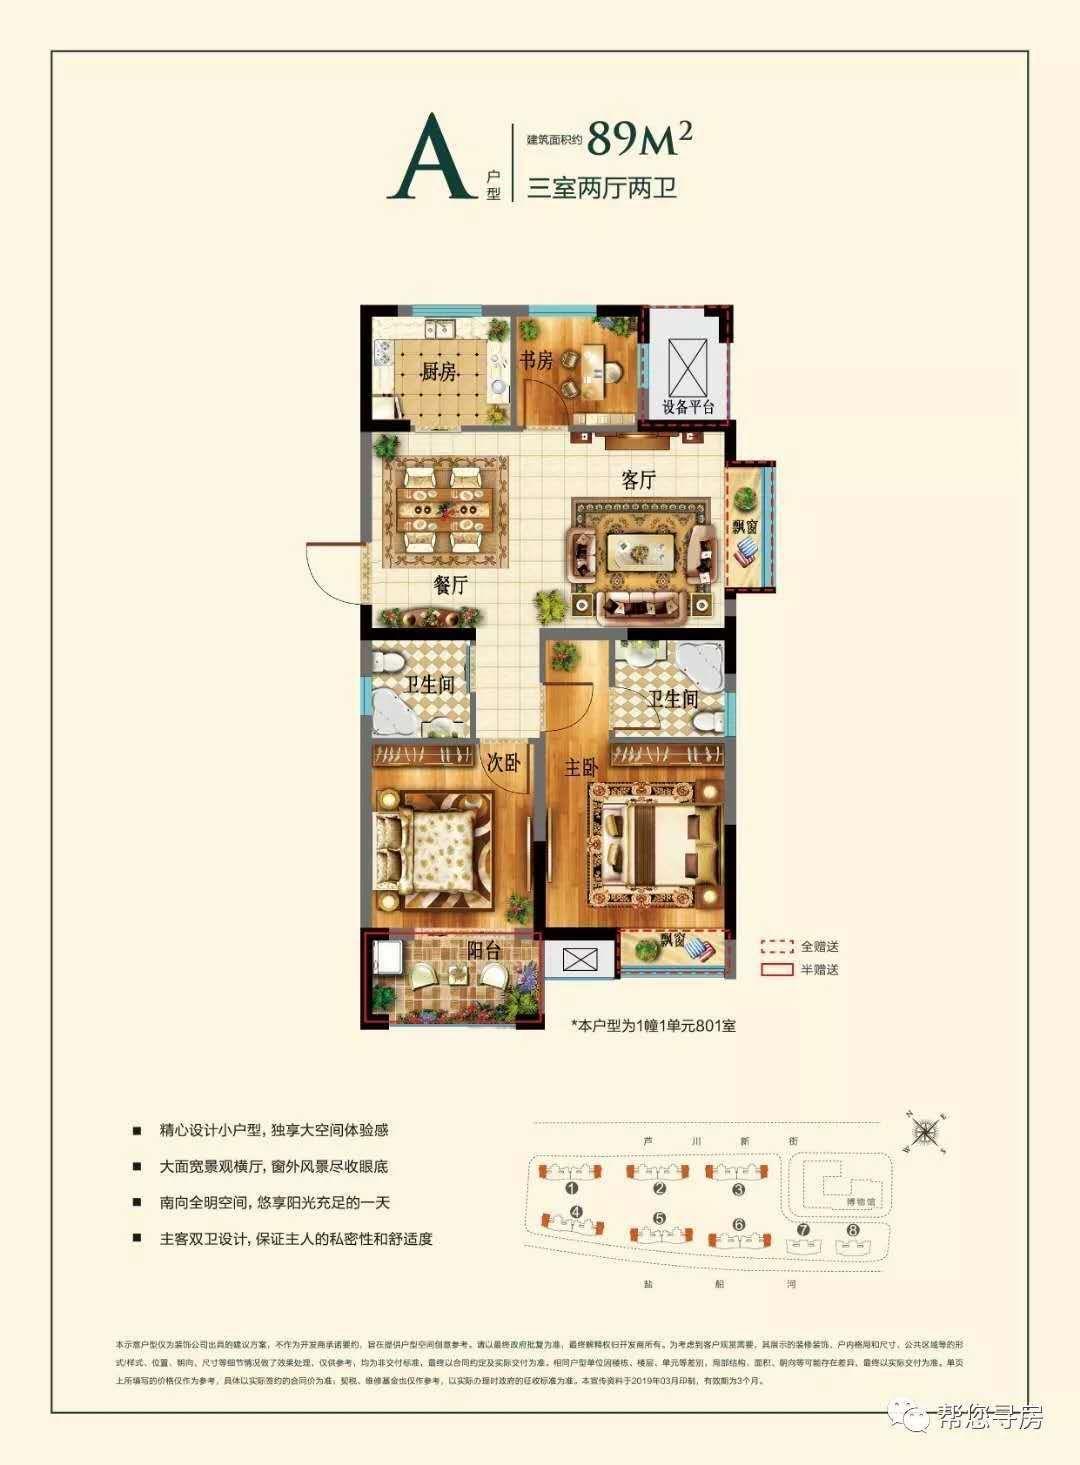 89平米的房子实际面积67平米小吗?